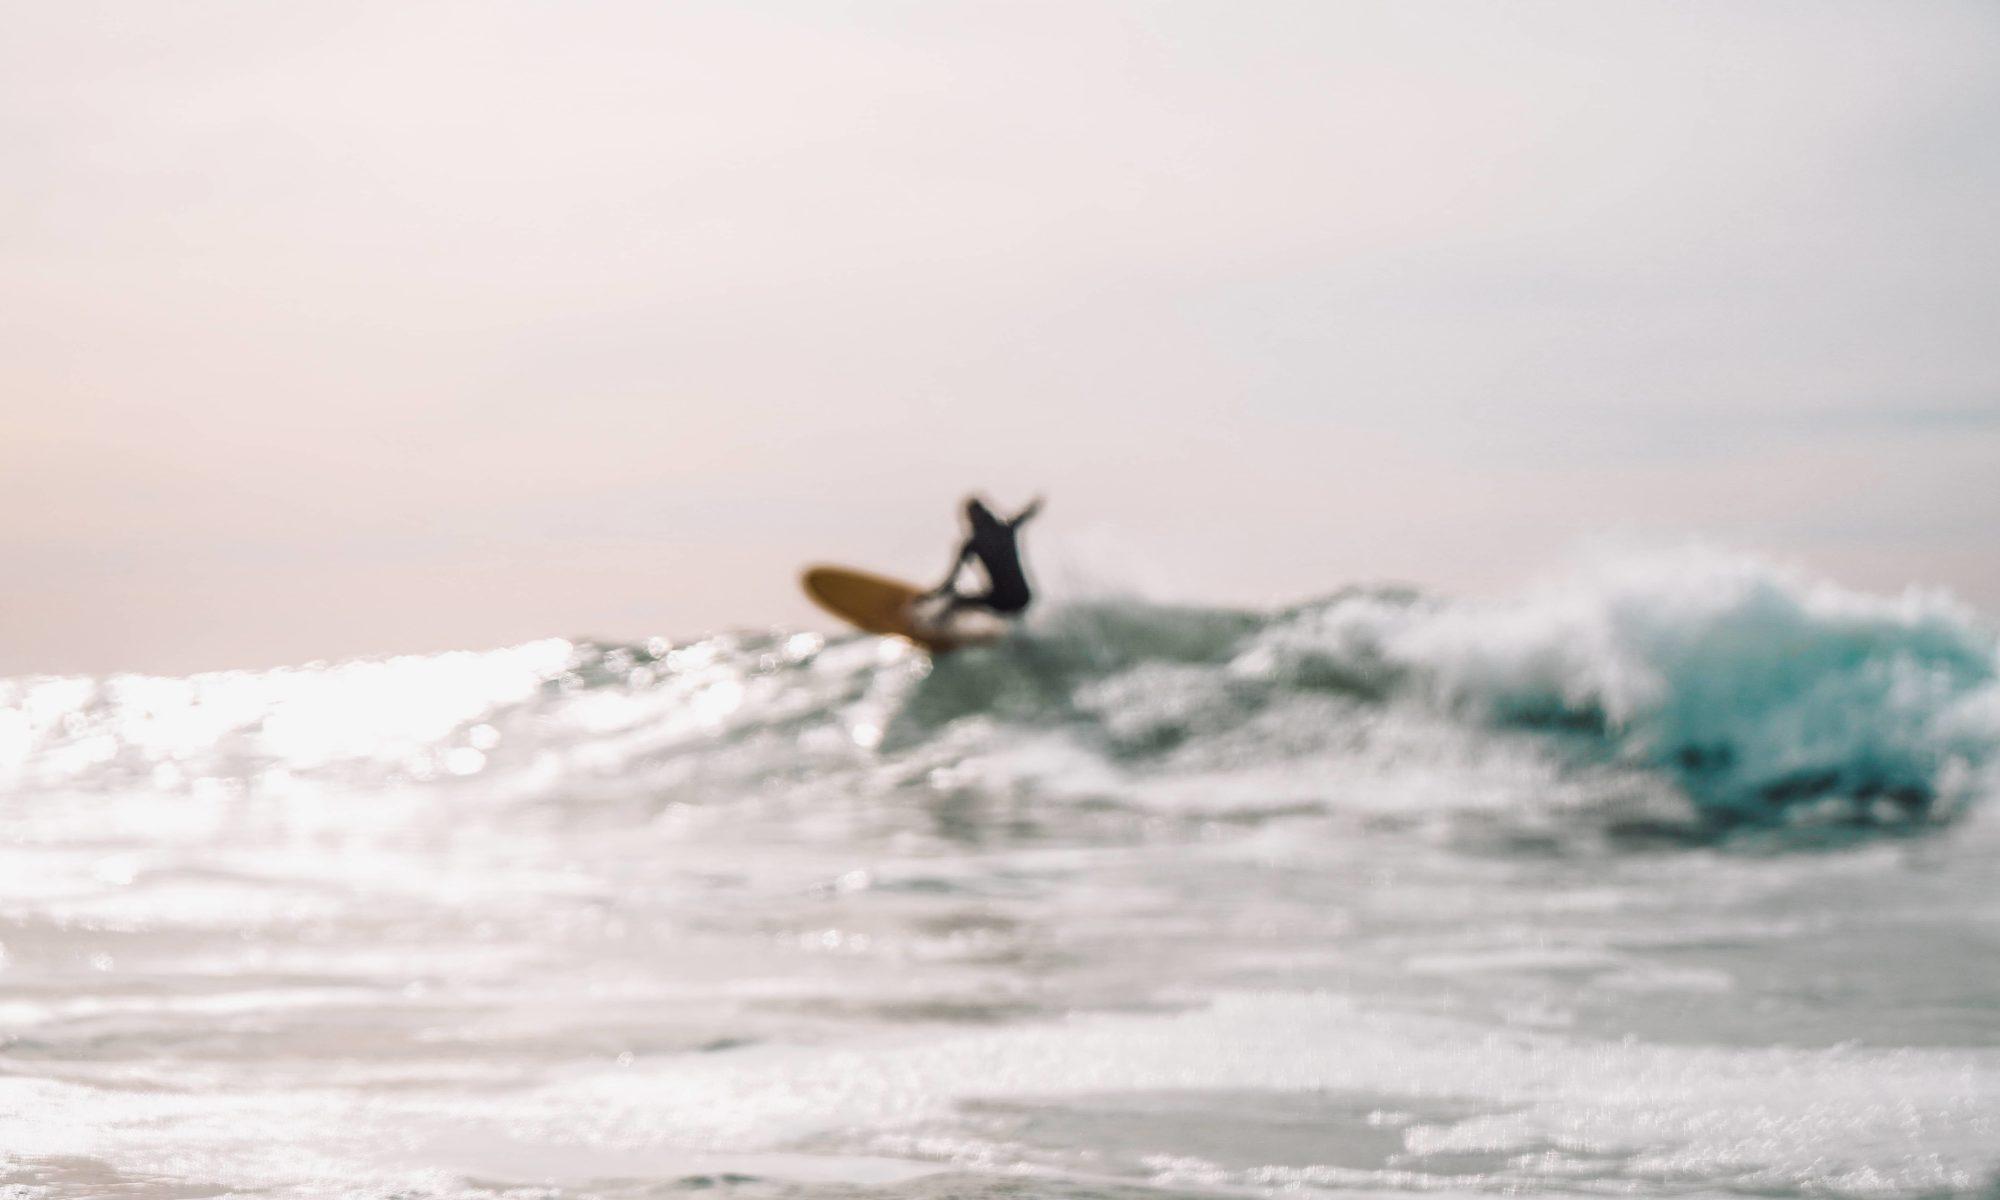 surf-forecast-buio-app-surfer